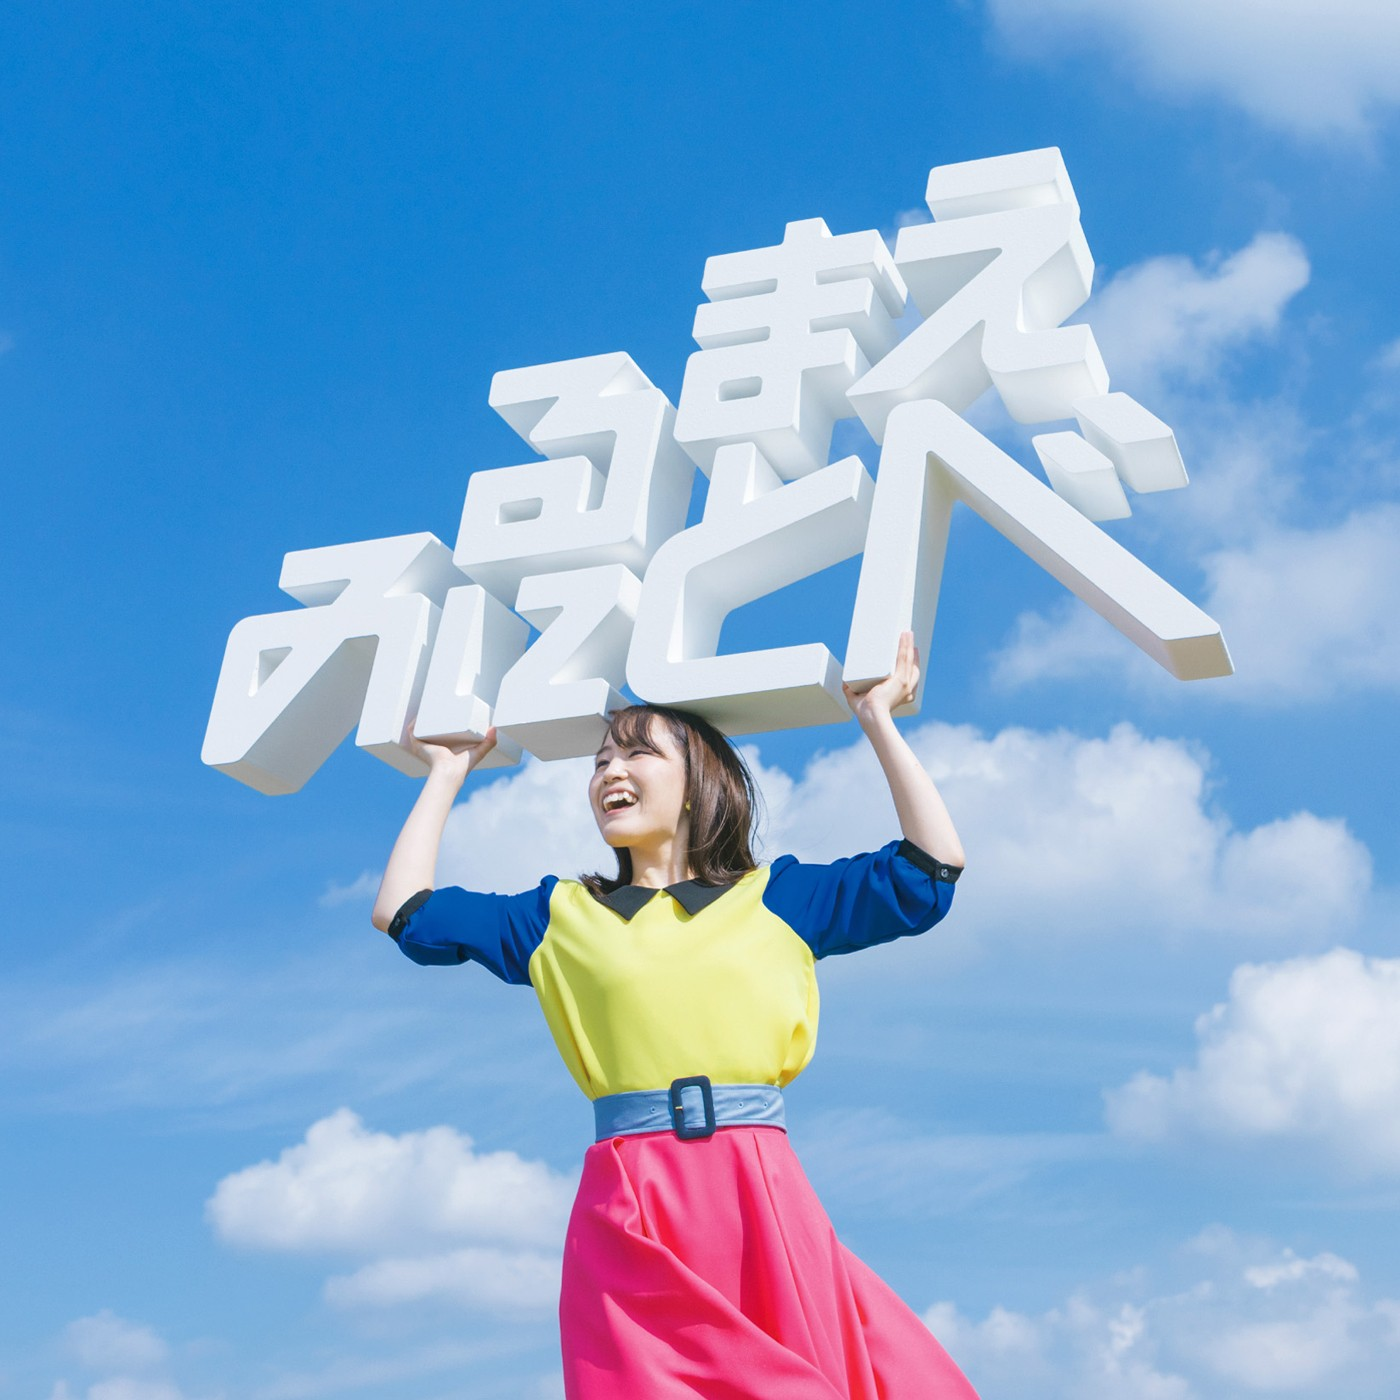 鈴木みのり (Minori Suzuki) – 見る前に飛べ! [MP3 320 / CD] [2018.12.19]